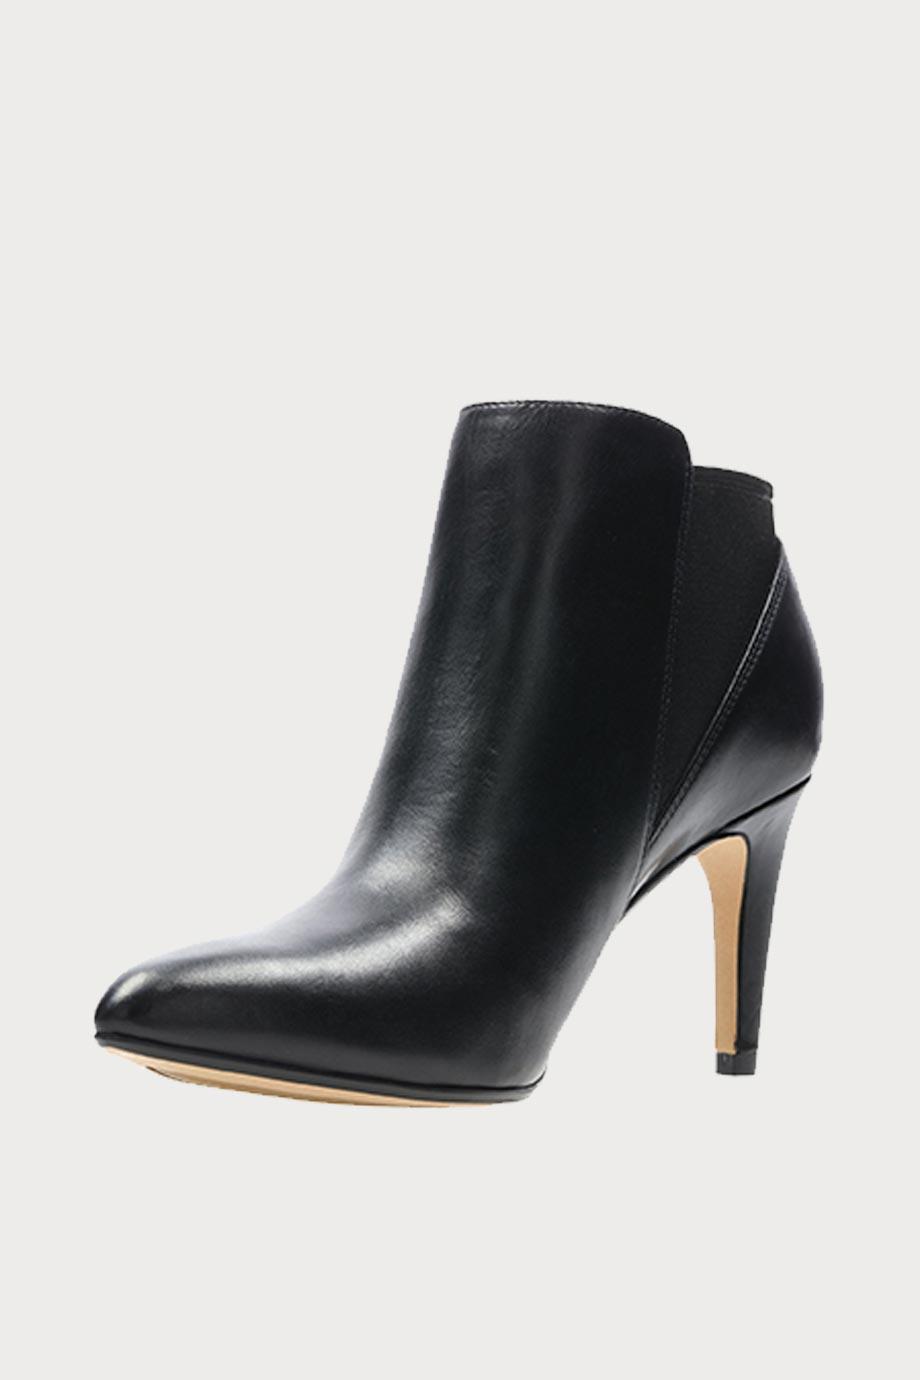 spiridoula metheniti shoes xalkida p laina violet black leather clarks 4